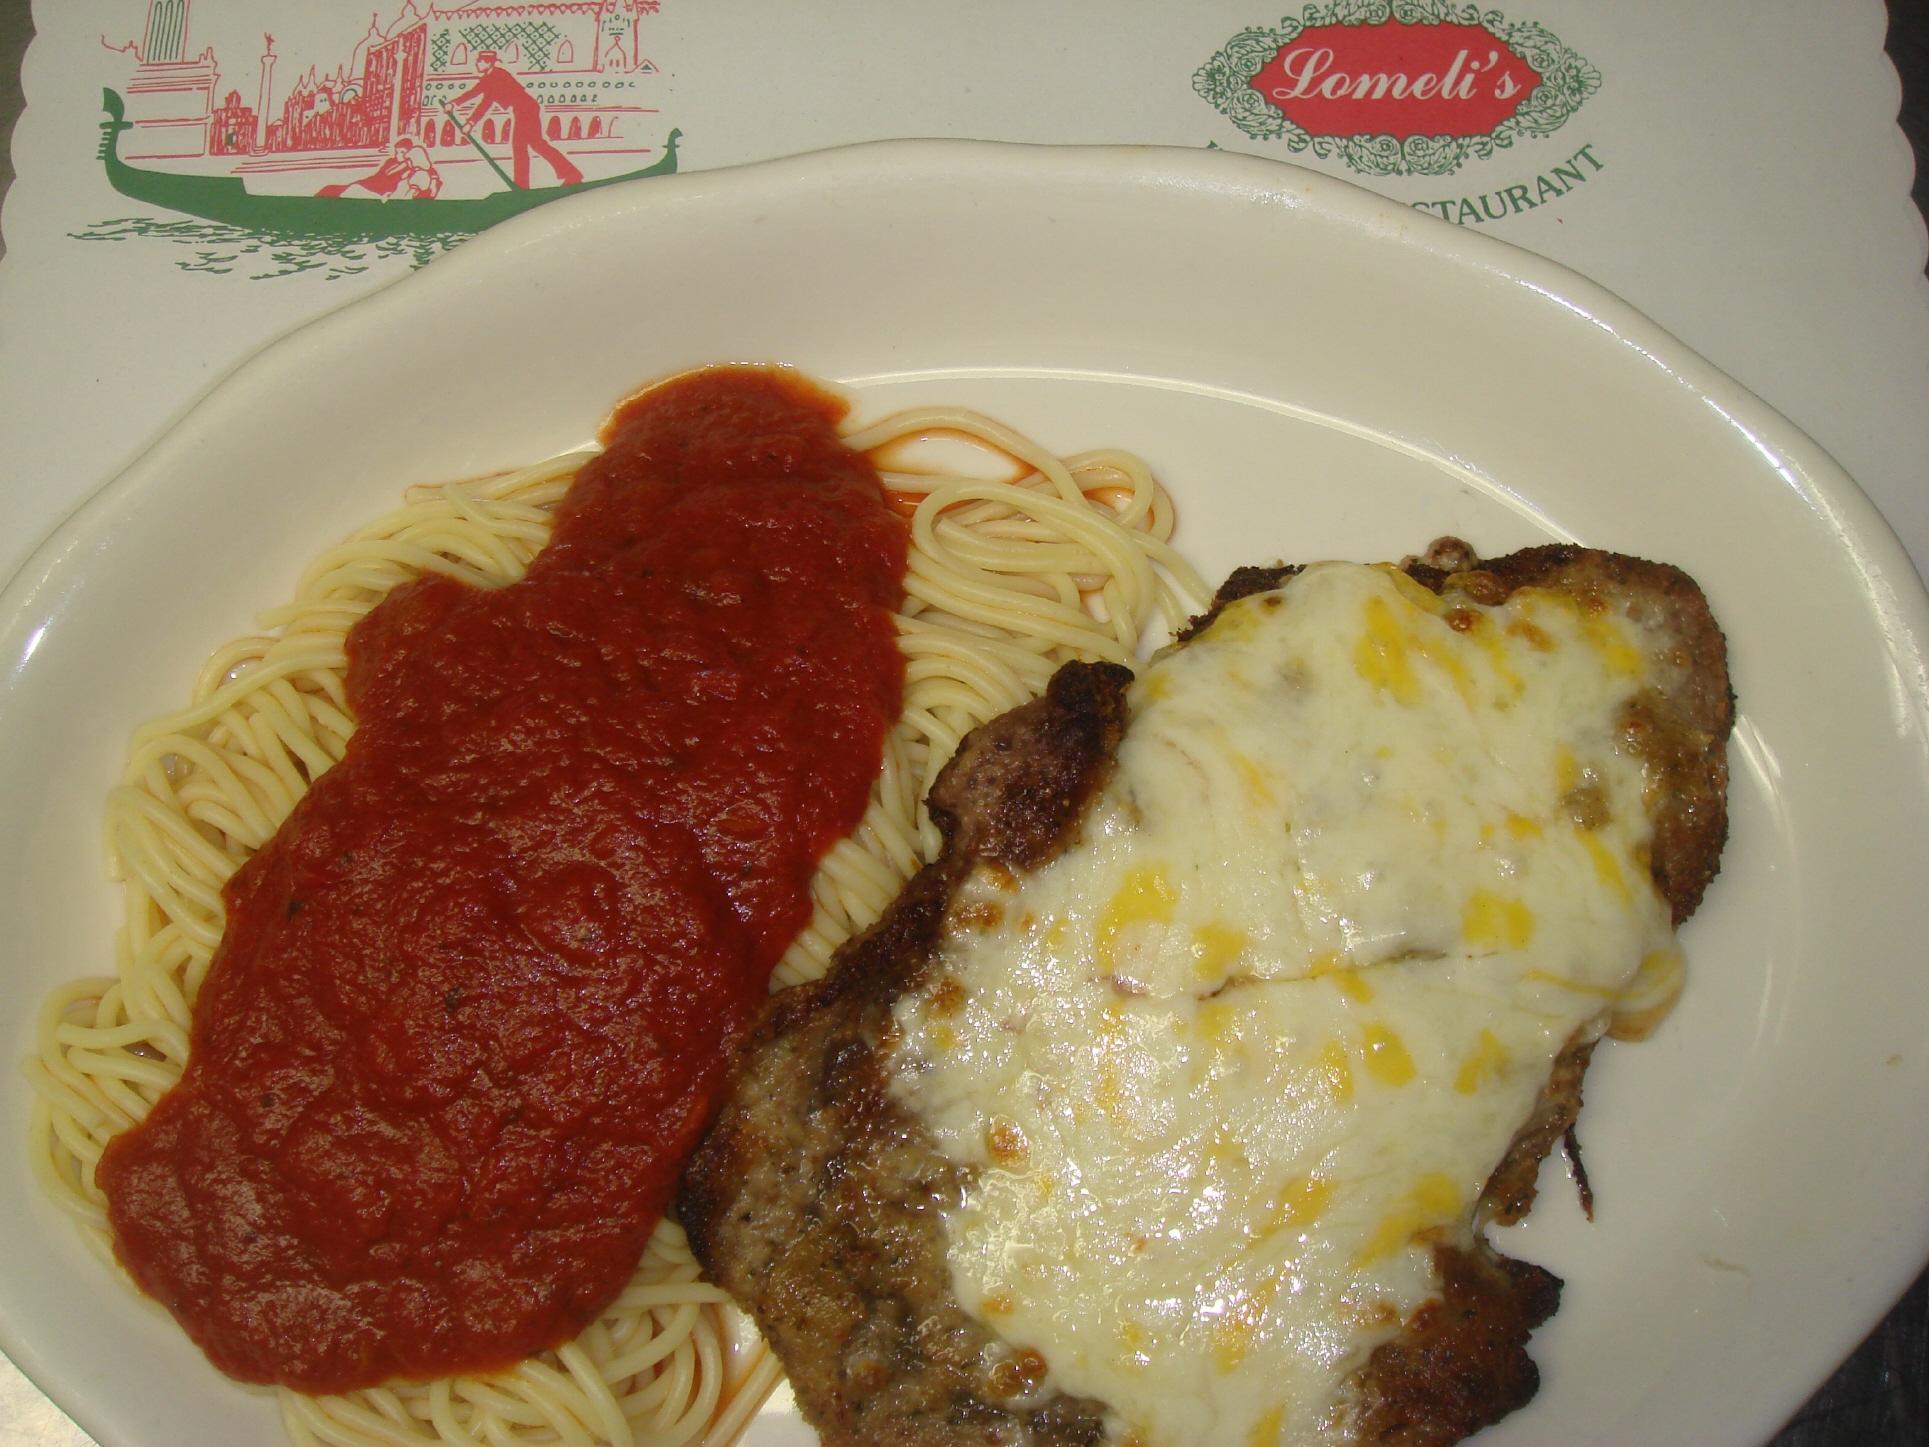 Breaded Cutlet at Lomelis Italian Restaurant